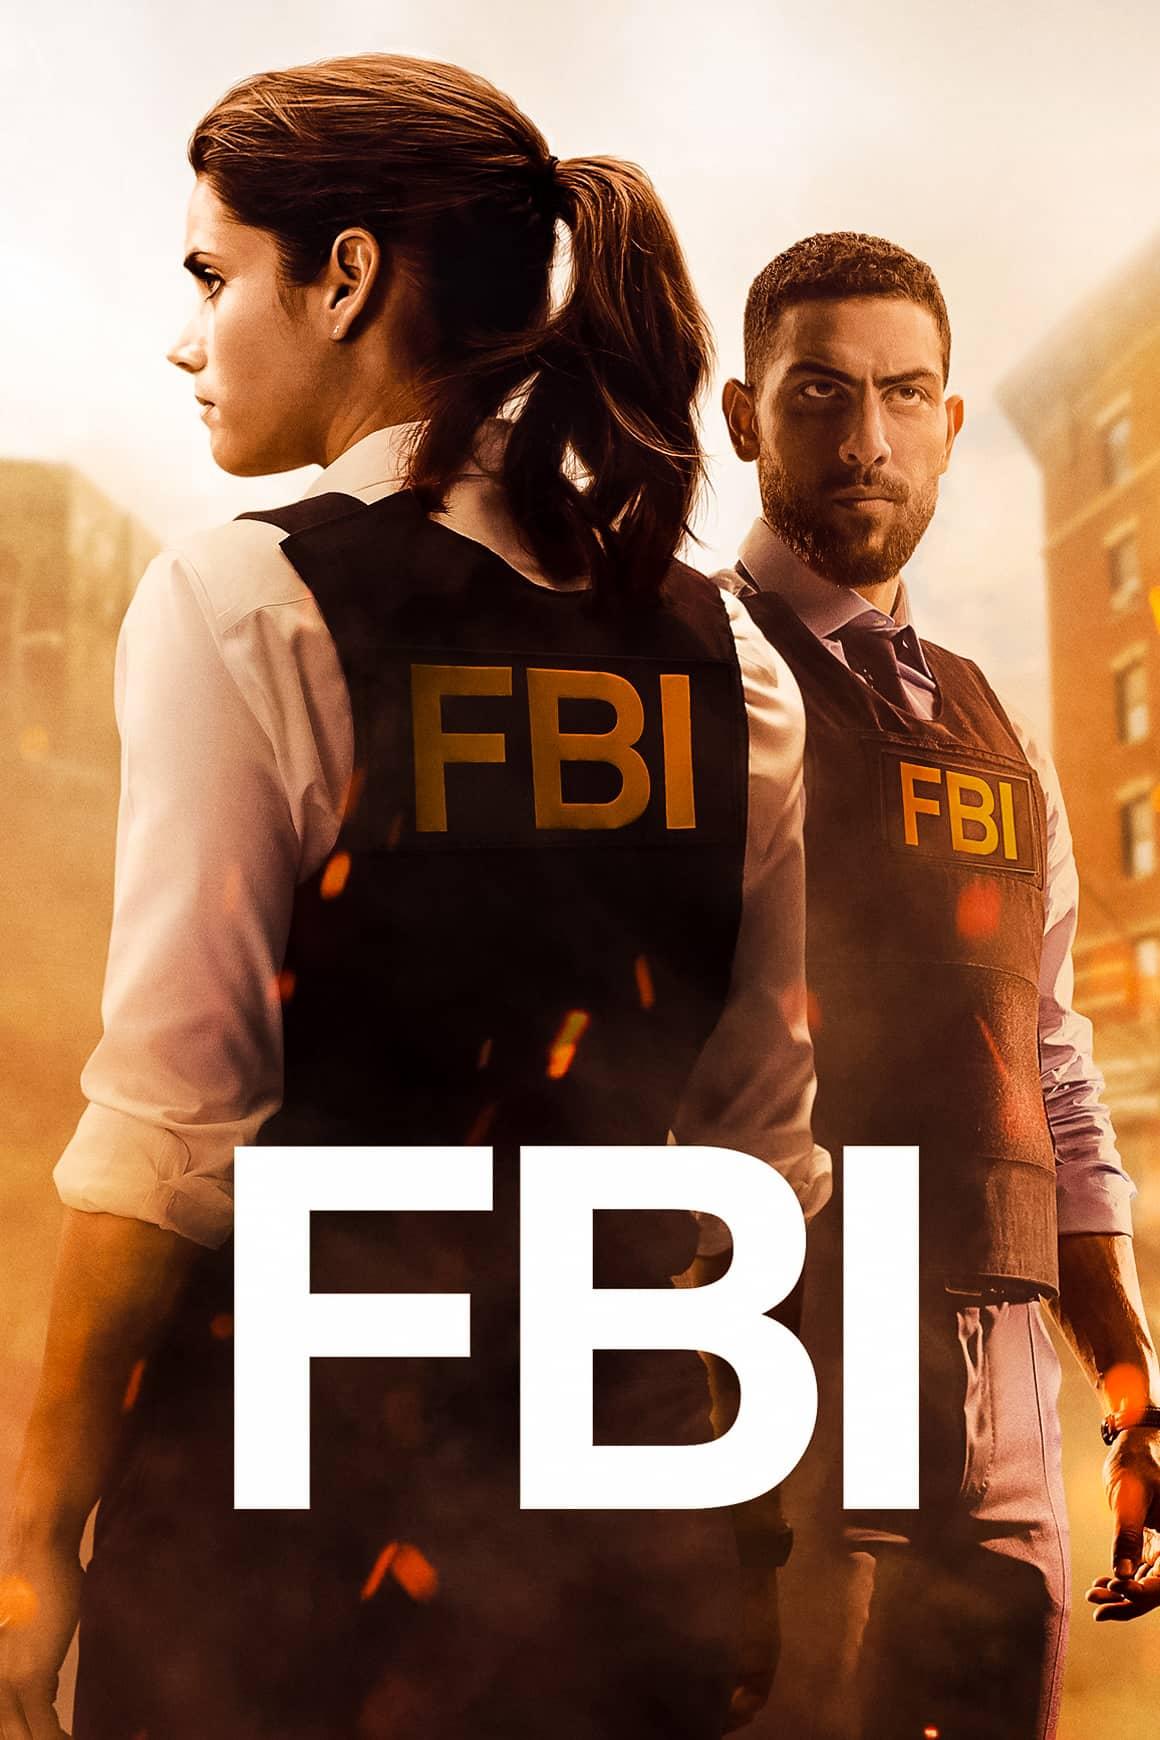 مسلسل FBI الموسم الاول الحلقة 7 السابعة مترجمة